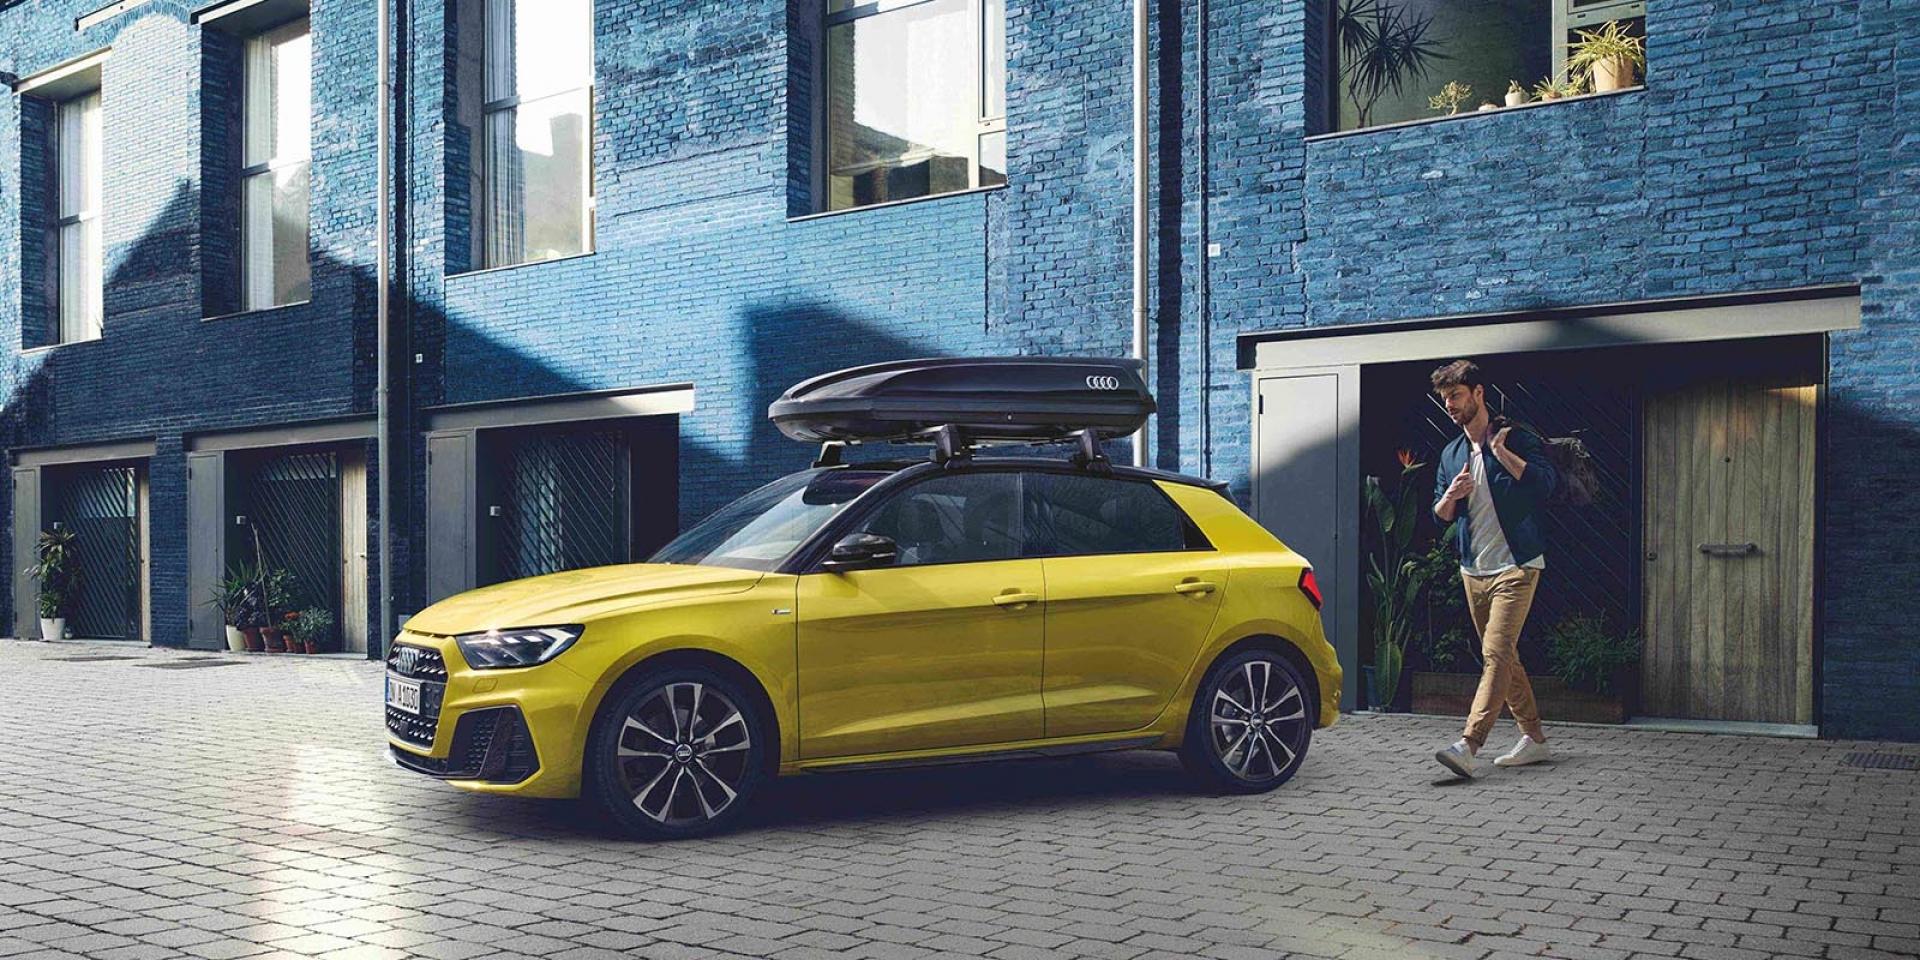 官方新聞稿。The new Audi A1 Sportback現正預售中 預售期間限定「555輕鬆入主方案」 同步啟動